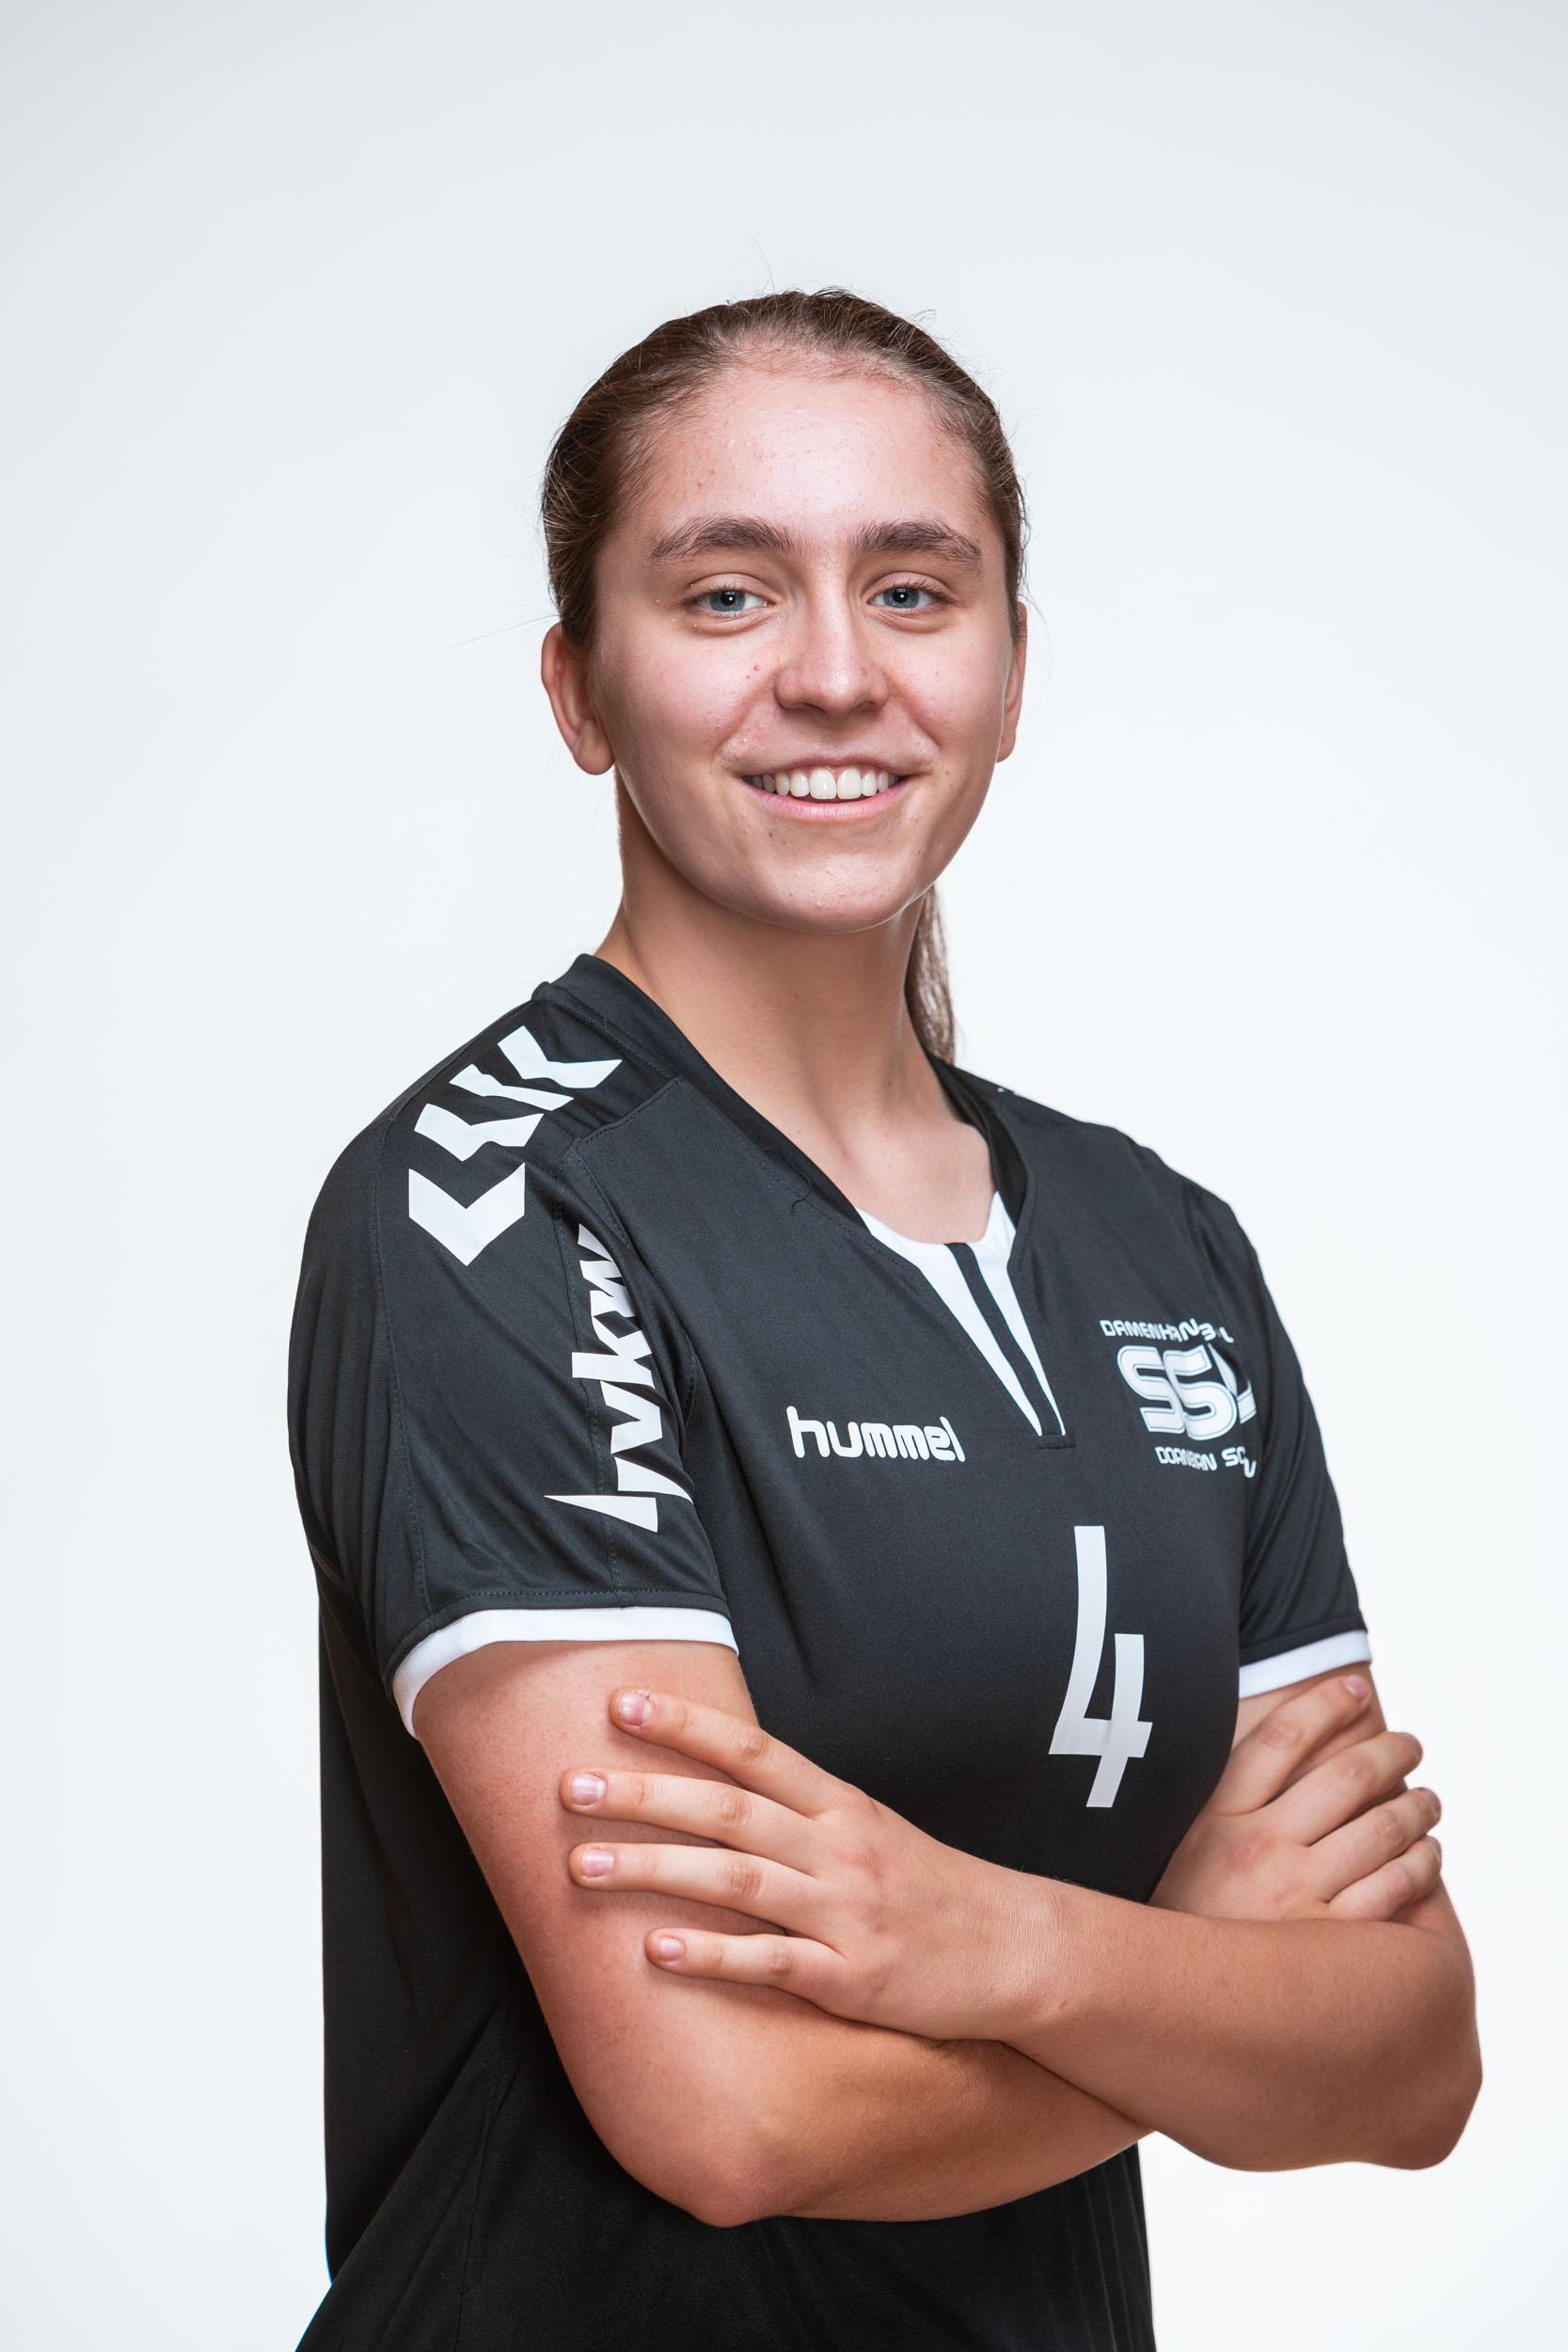 Hannah Spescha